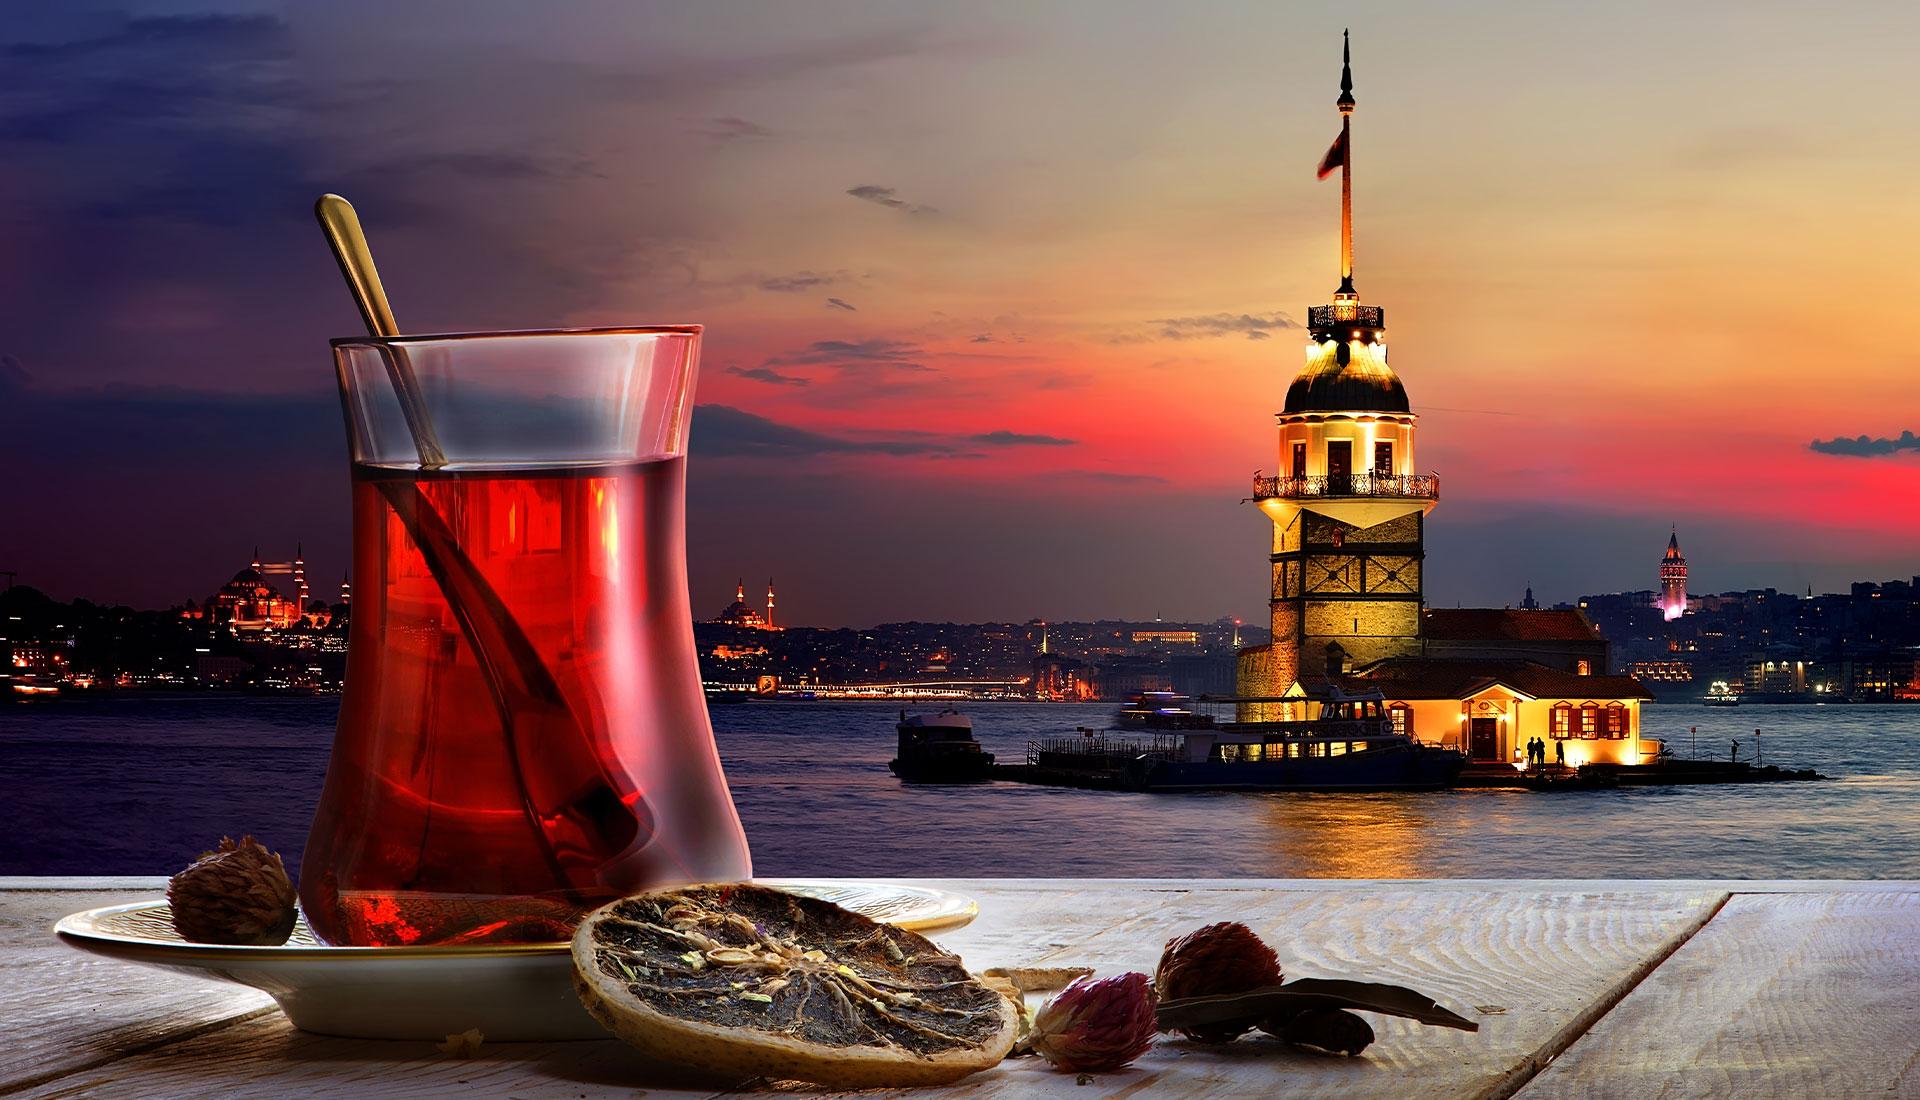 برج الفتاة في اسطنبول، الاسئلة الشائعة قبل السفر الى تركيا